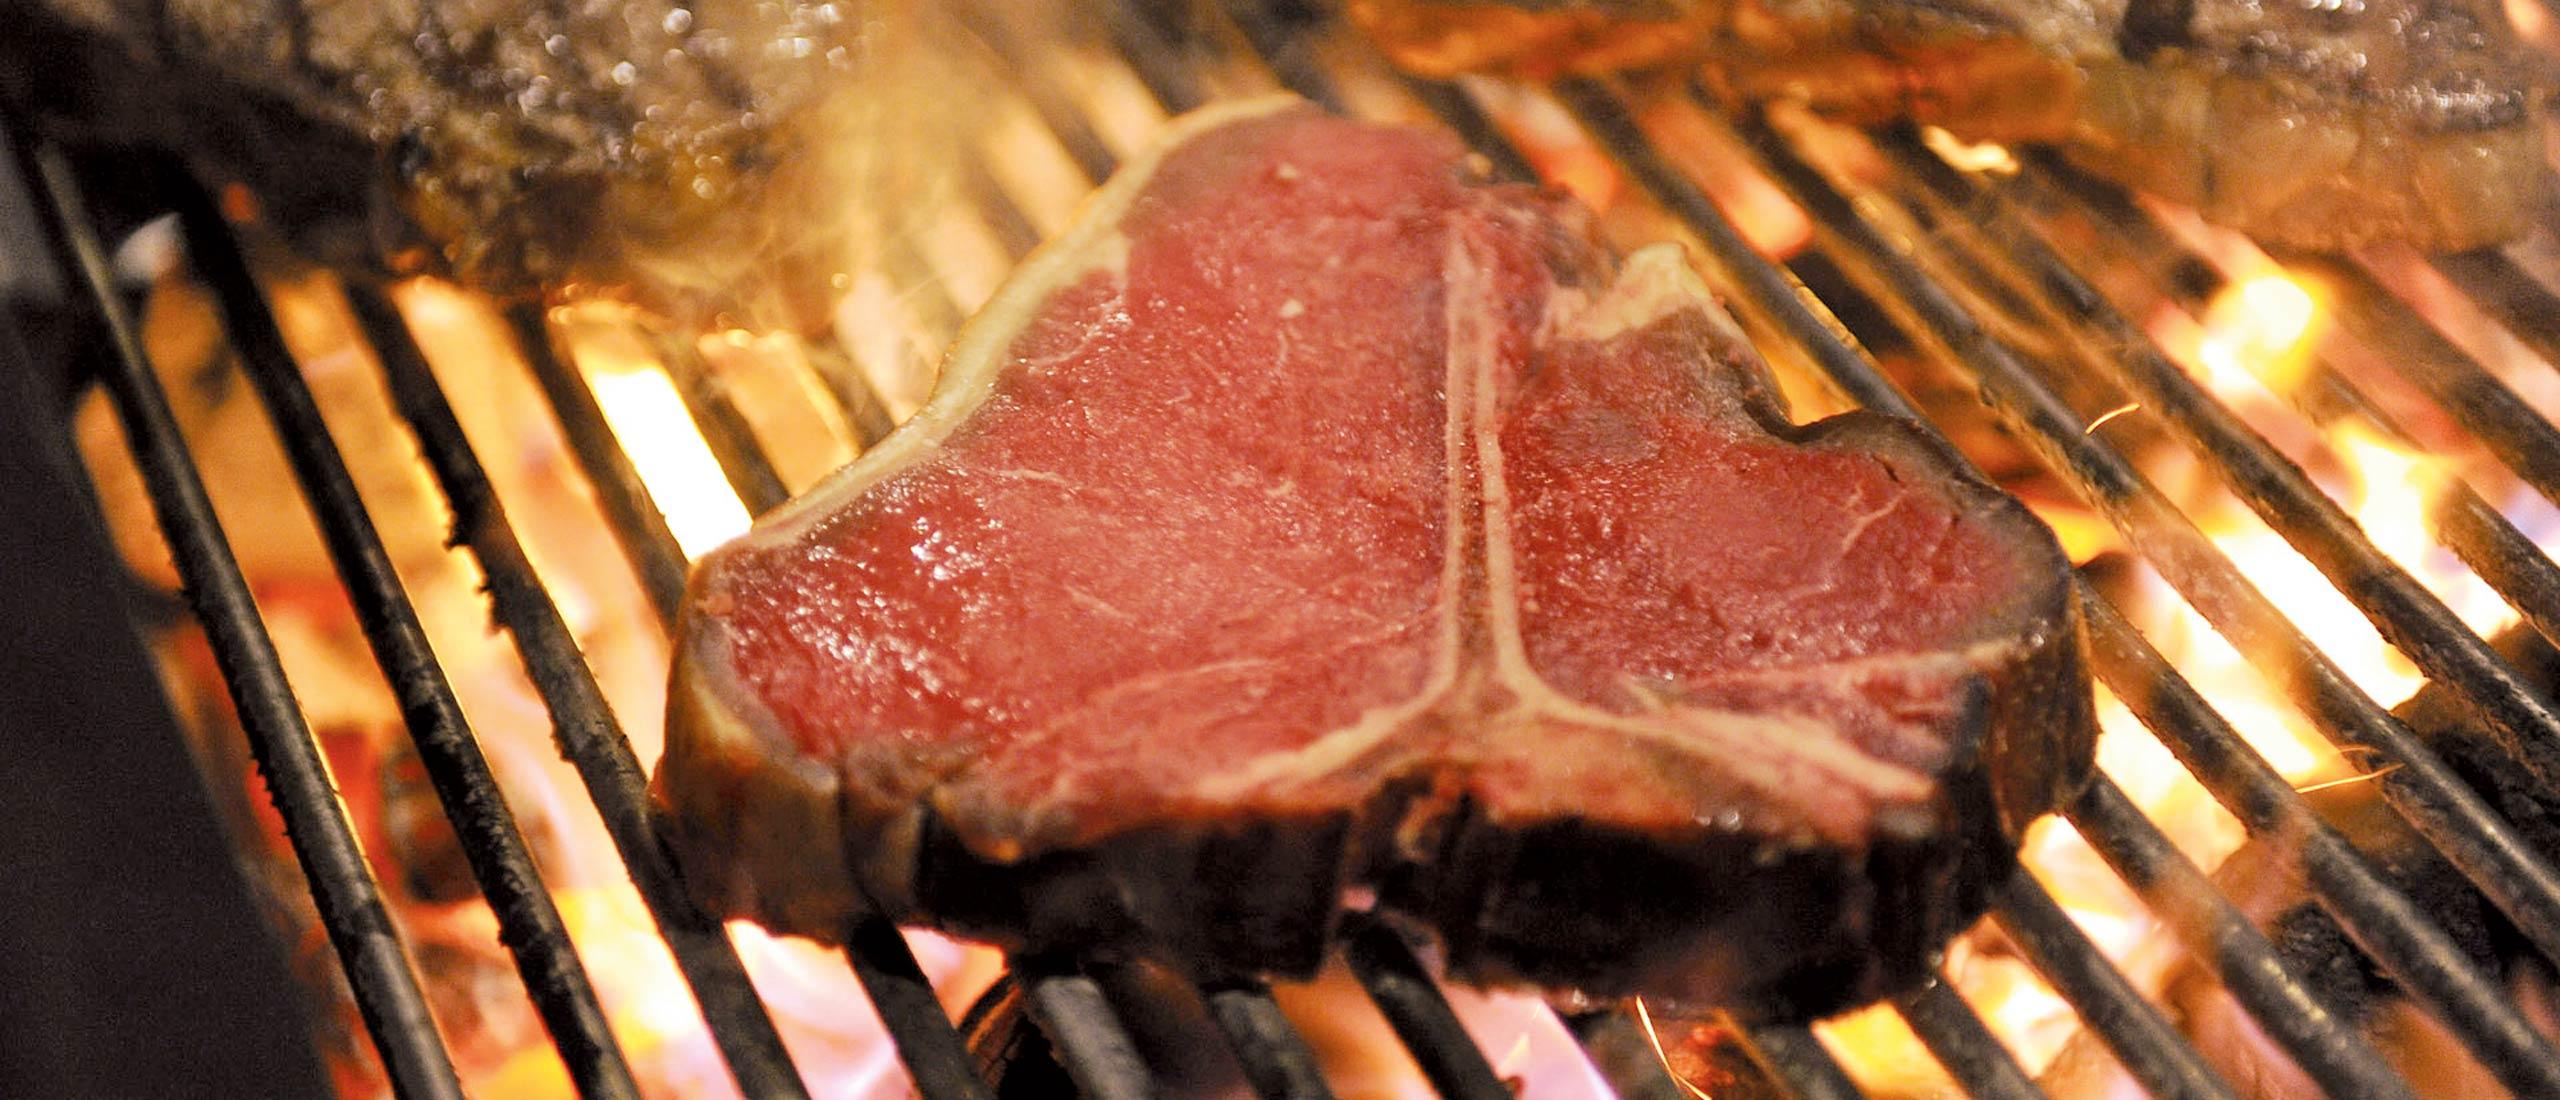 Saftiges Steak wird gegrillt - Fleischerei Nolzen